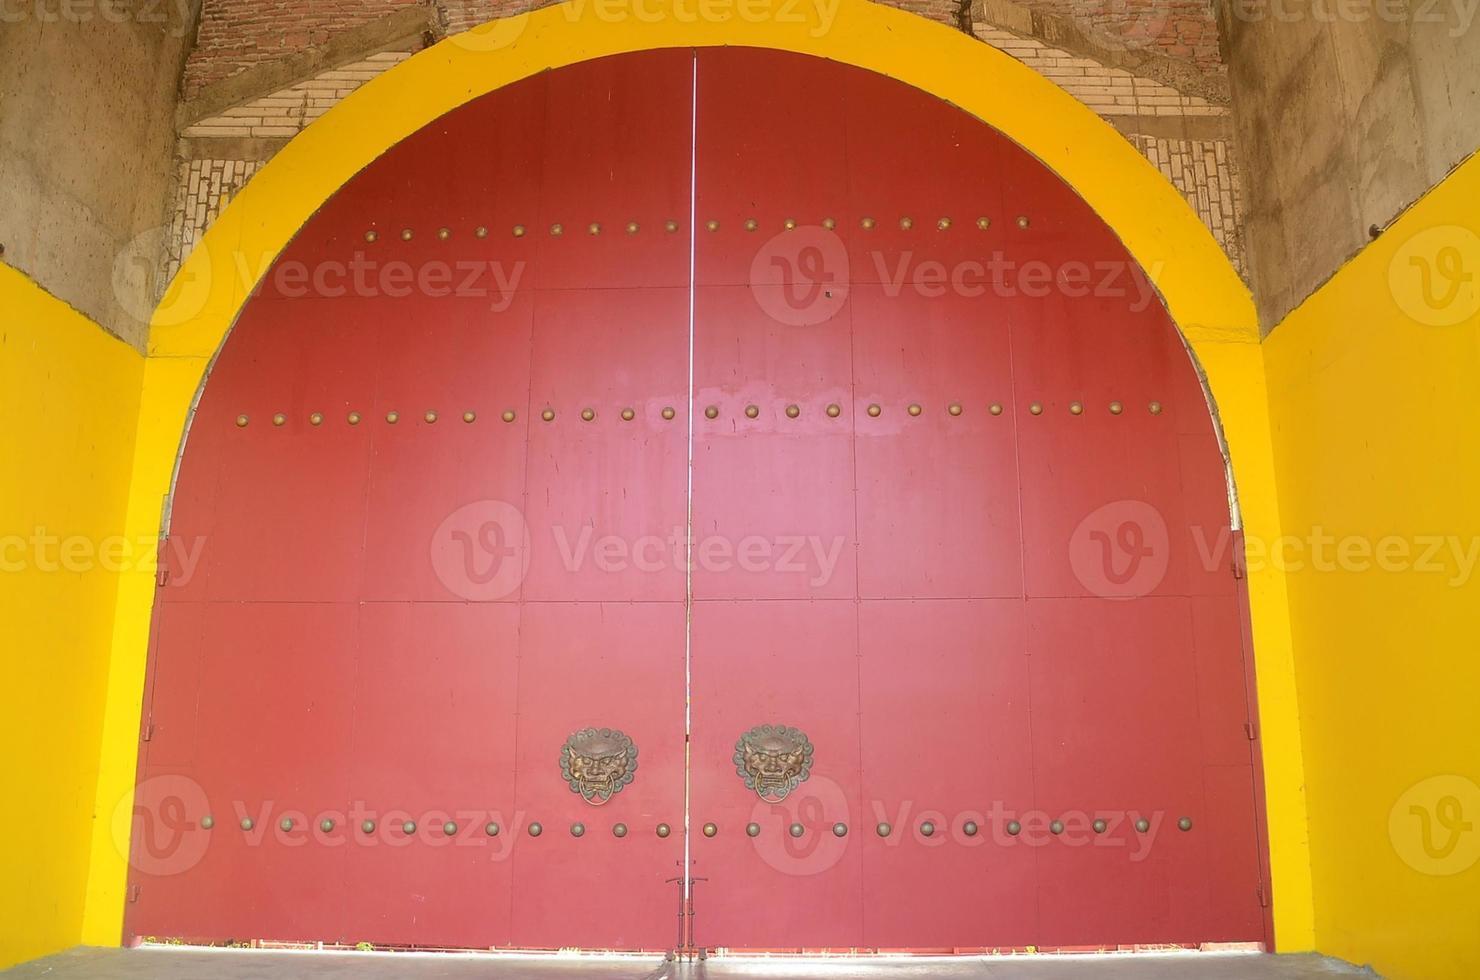 maniglia della porta cinese. vecchia porta cinese foto